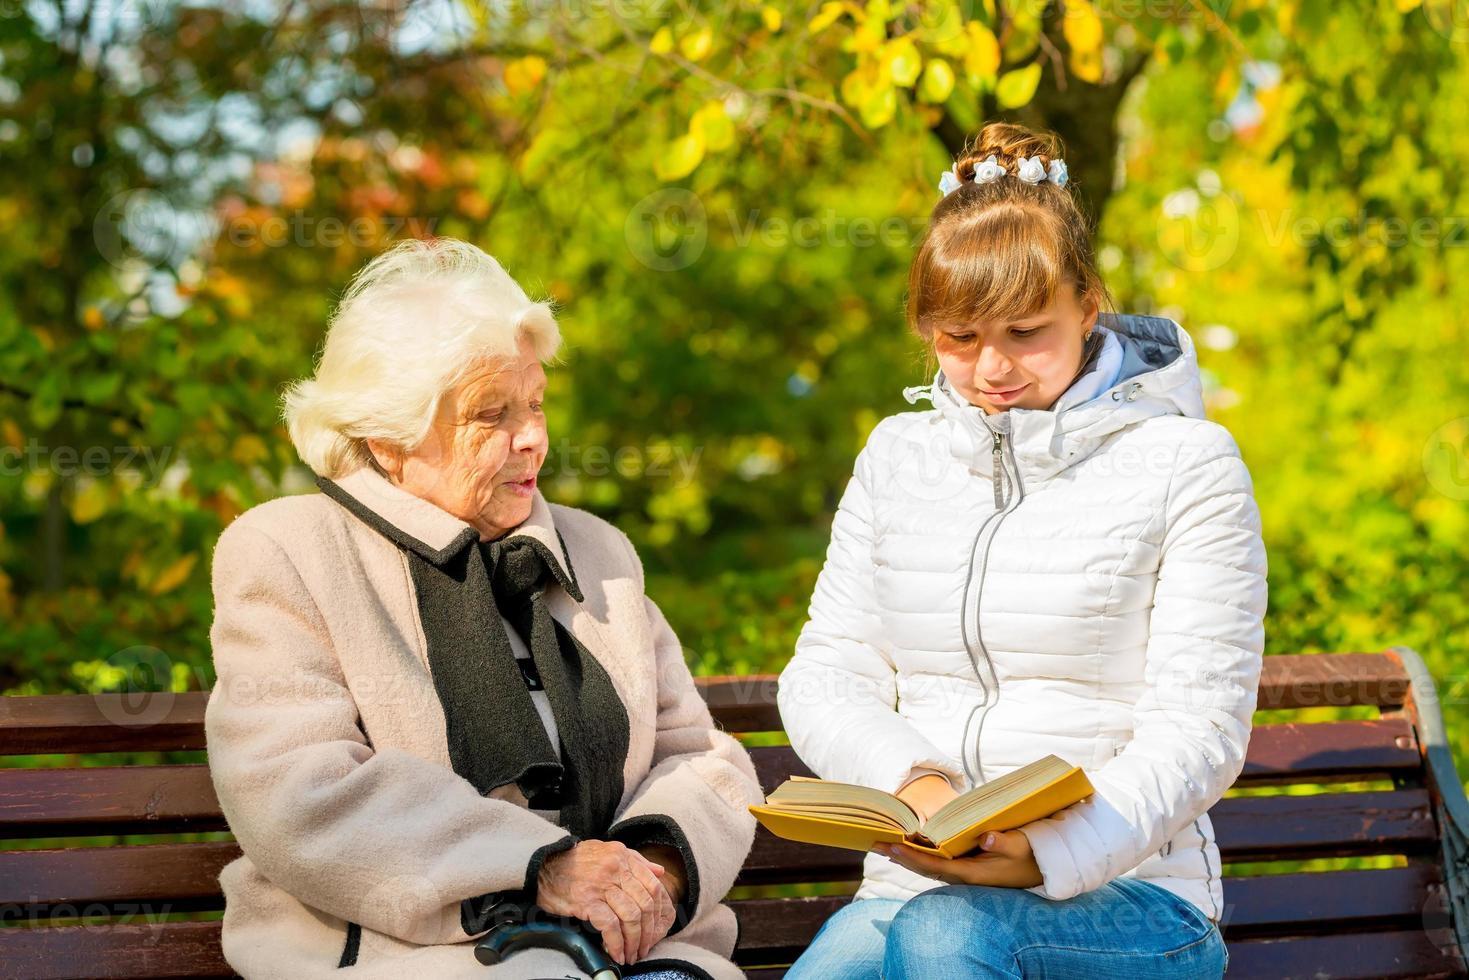 jeune petite-fille lit son livre de grand-mère âgée photo